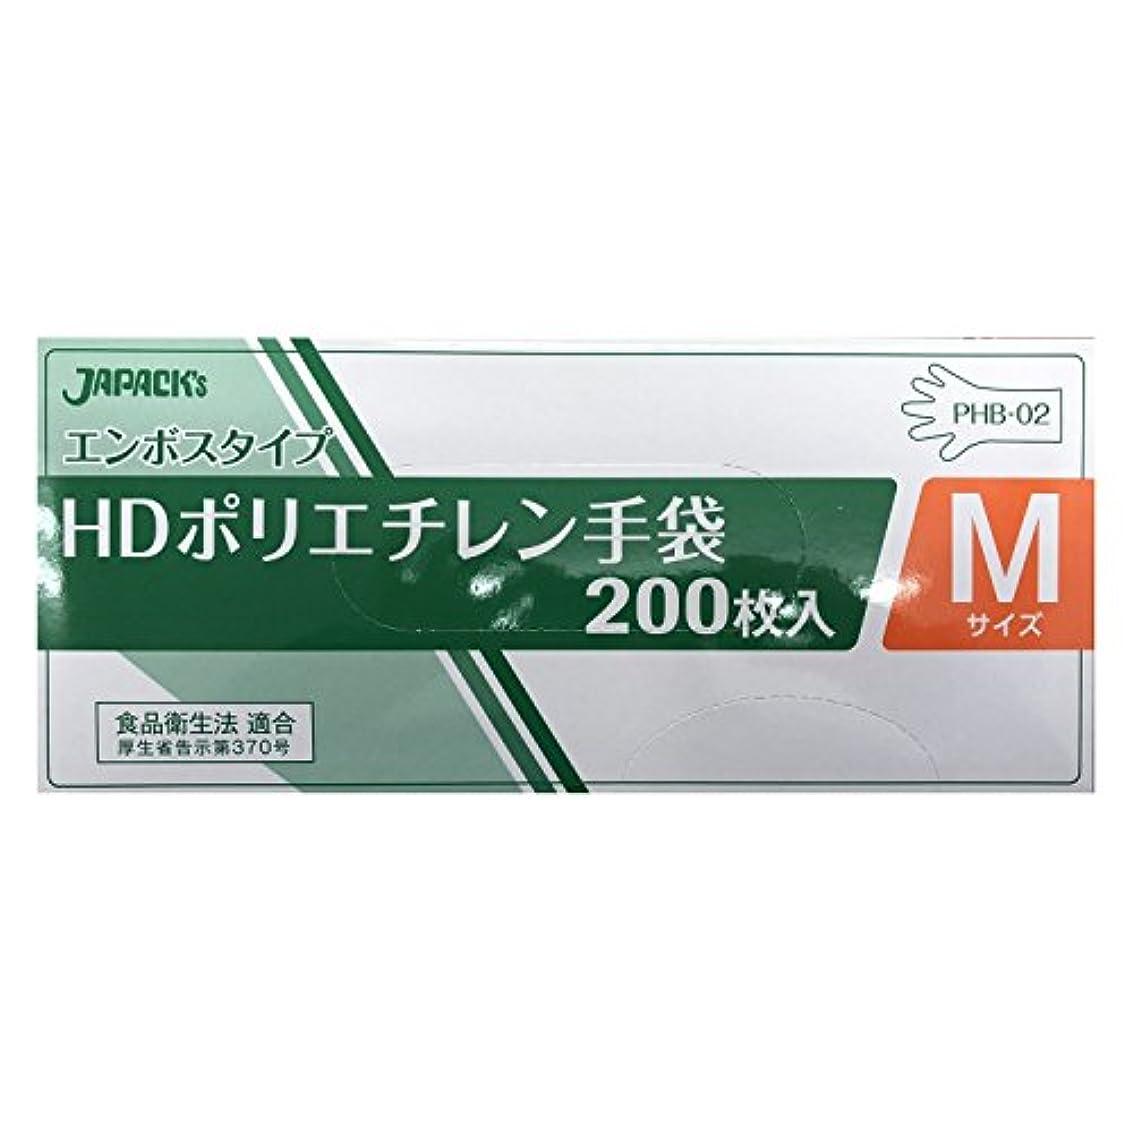 アボート前兆揮発性エンボスタイプ HDポリエチレン手袋 Mサイズ BOX 200枚入 無着色 PHB-02